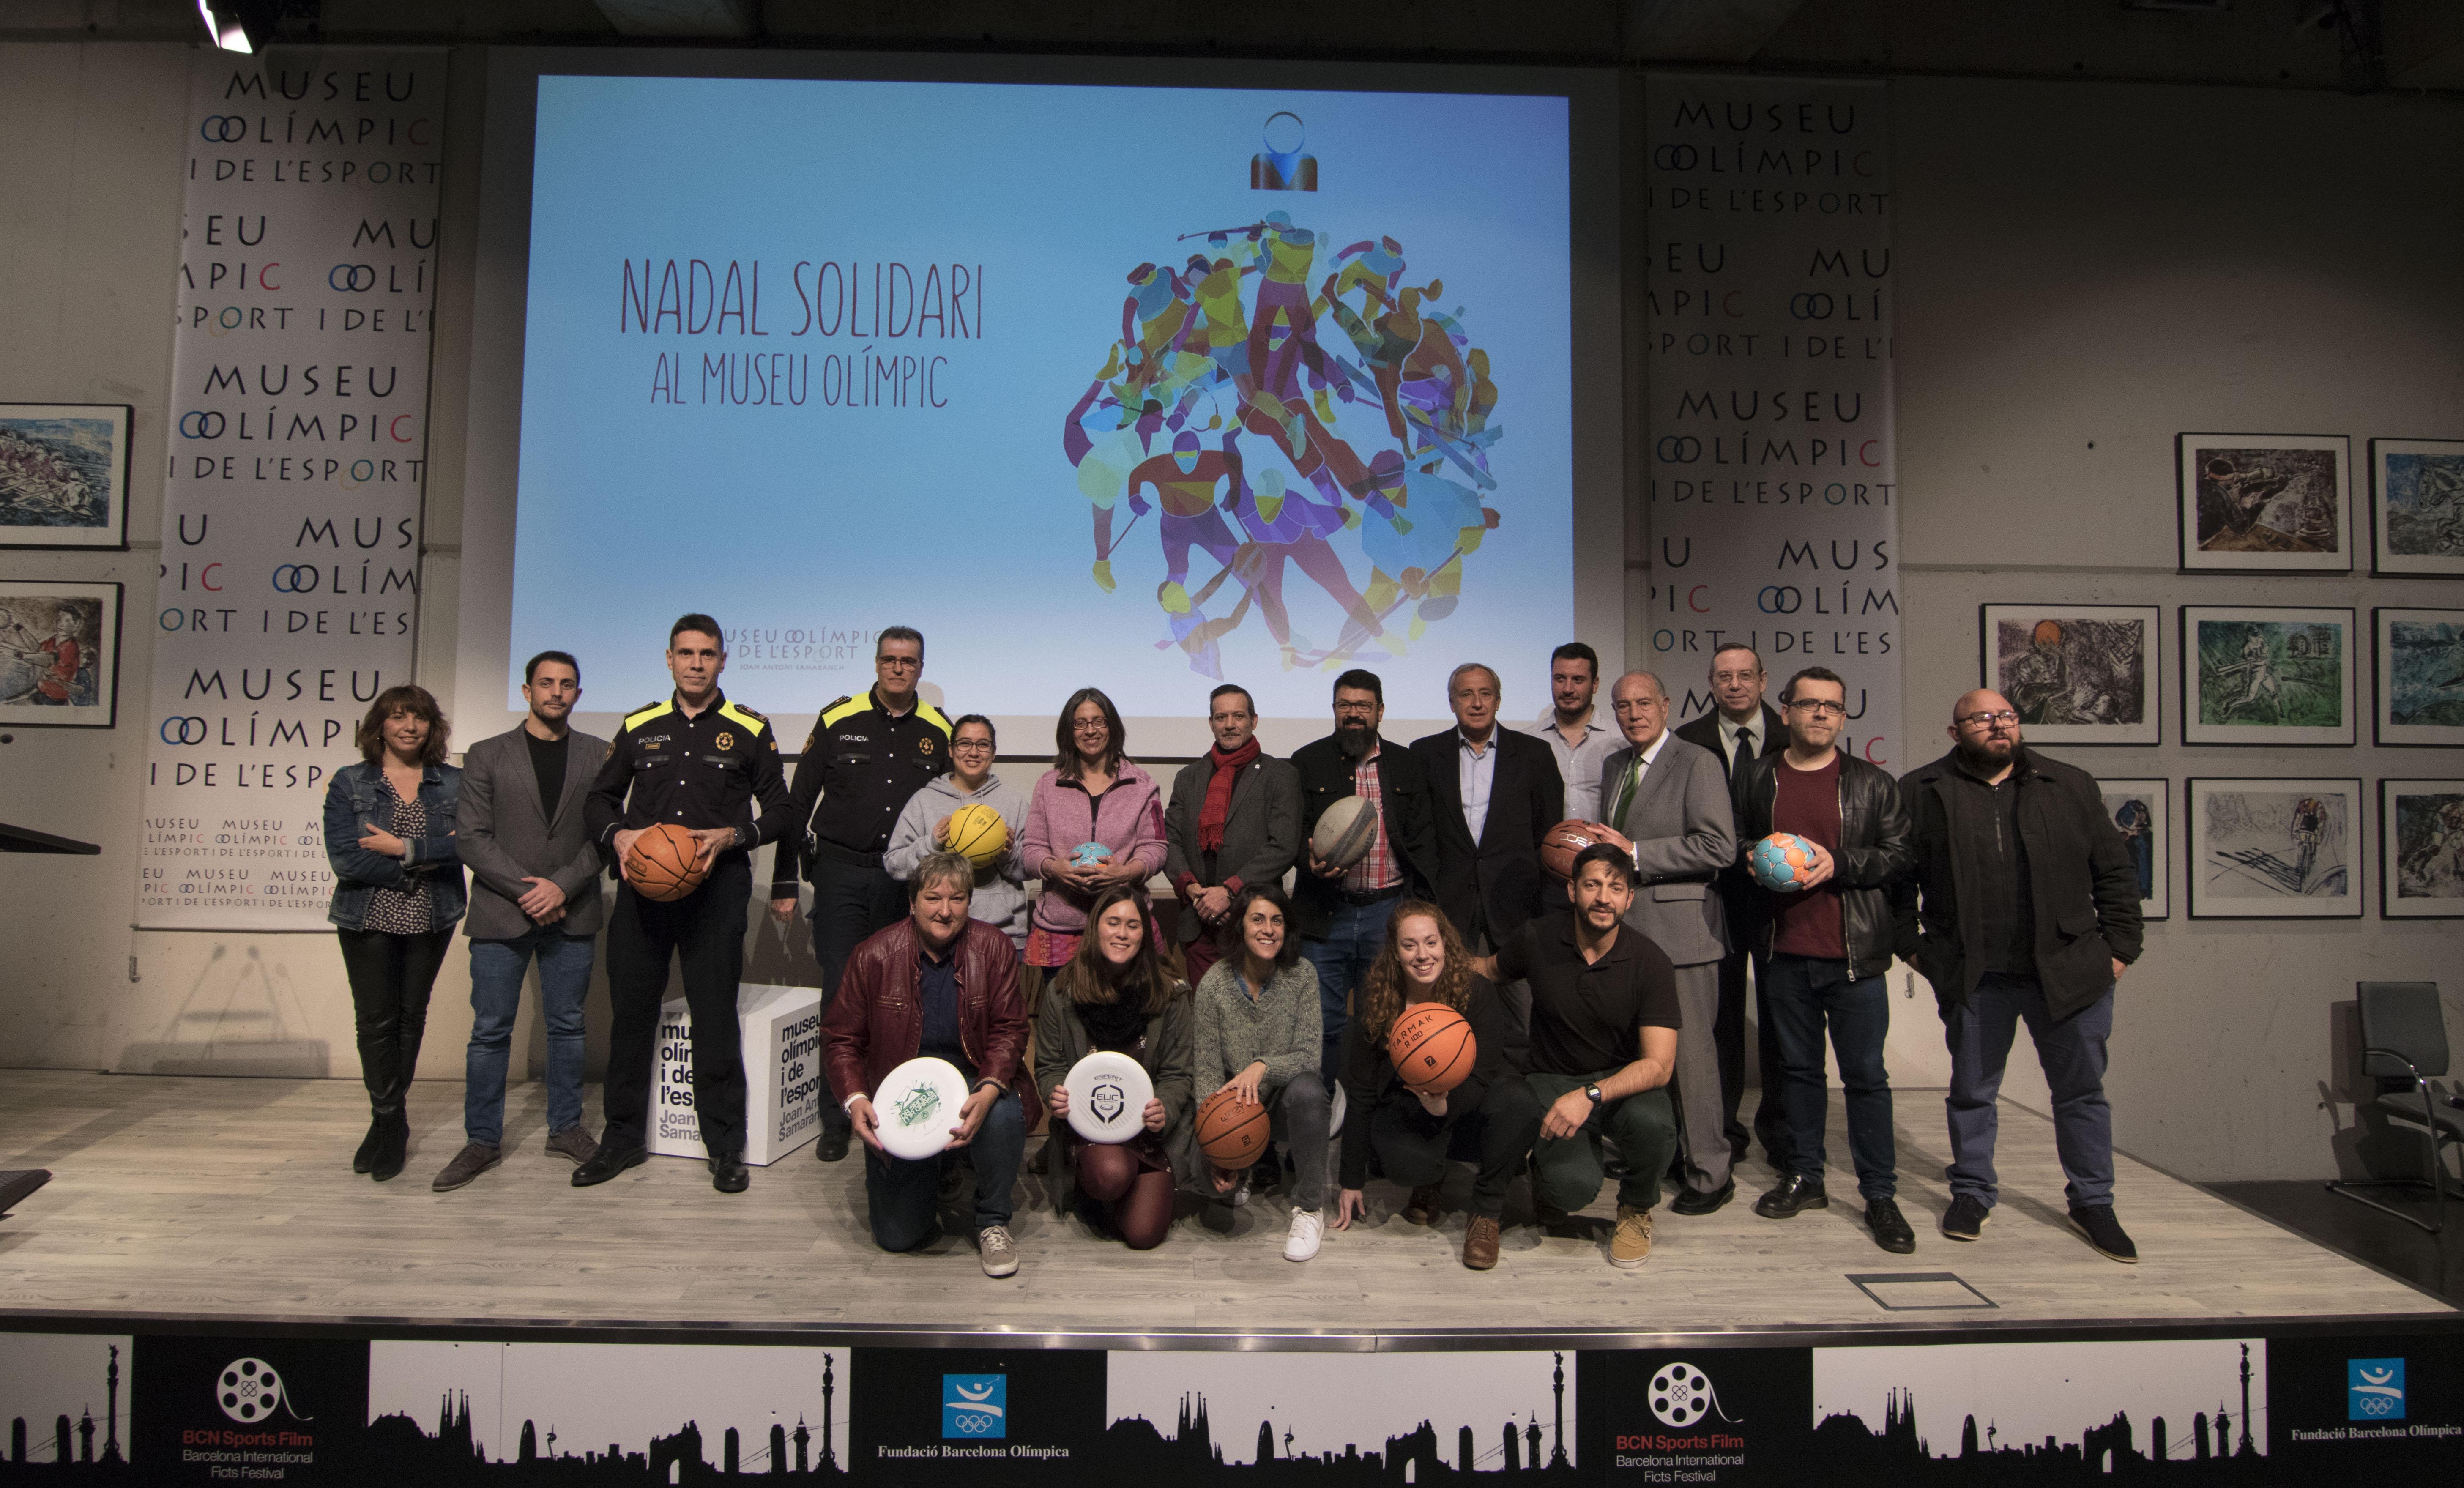 NAdal solidari 2018